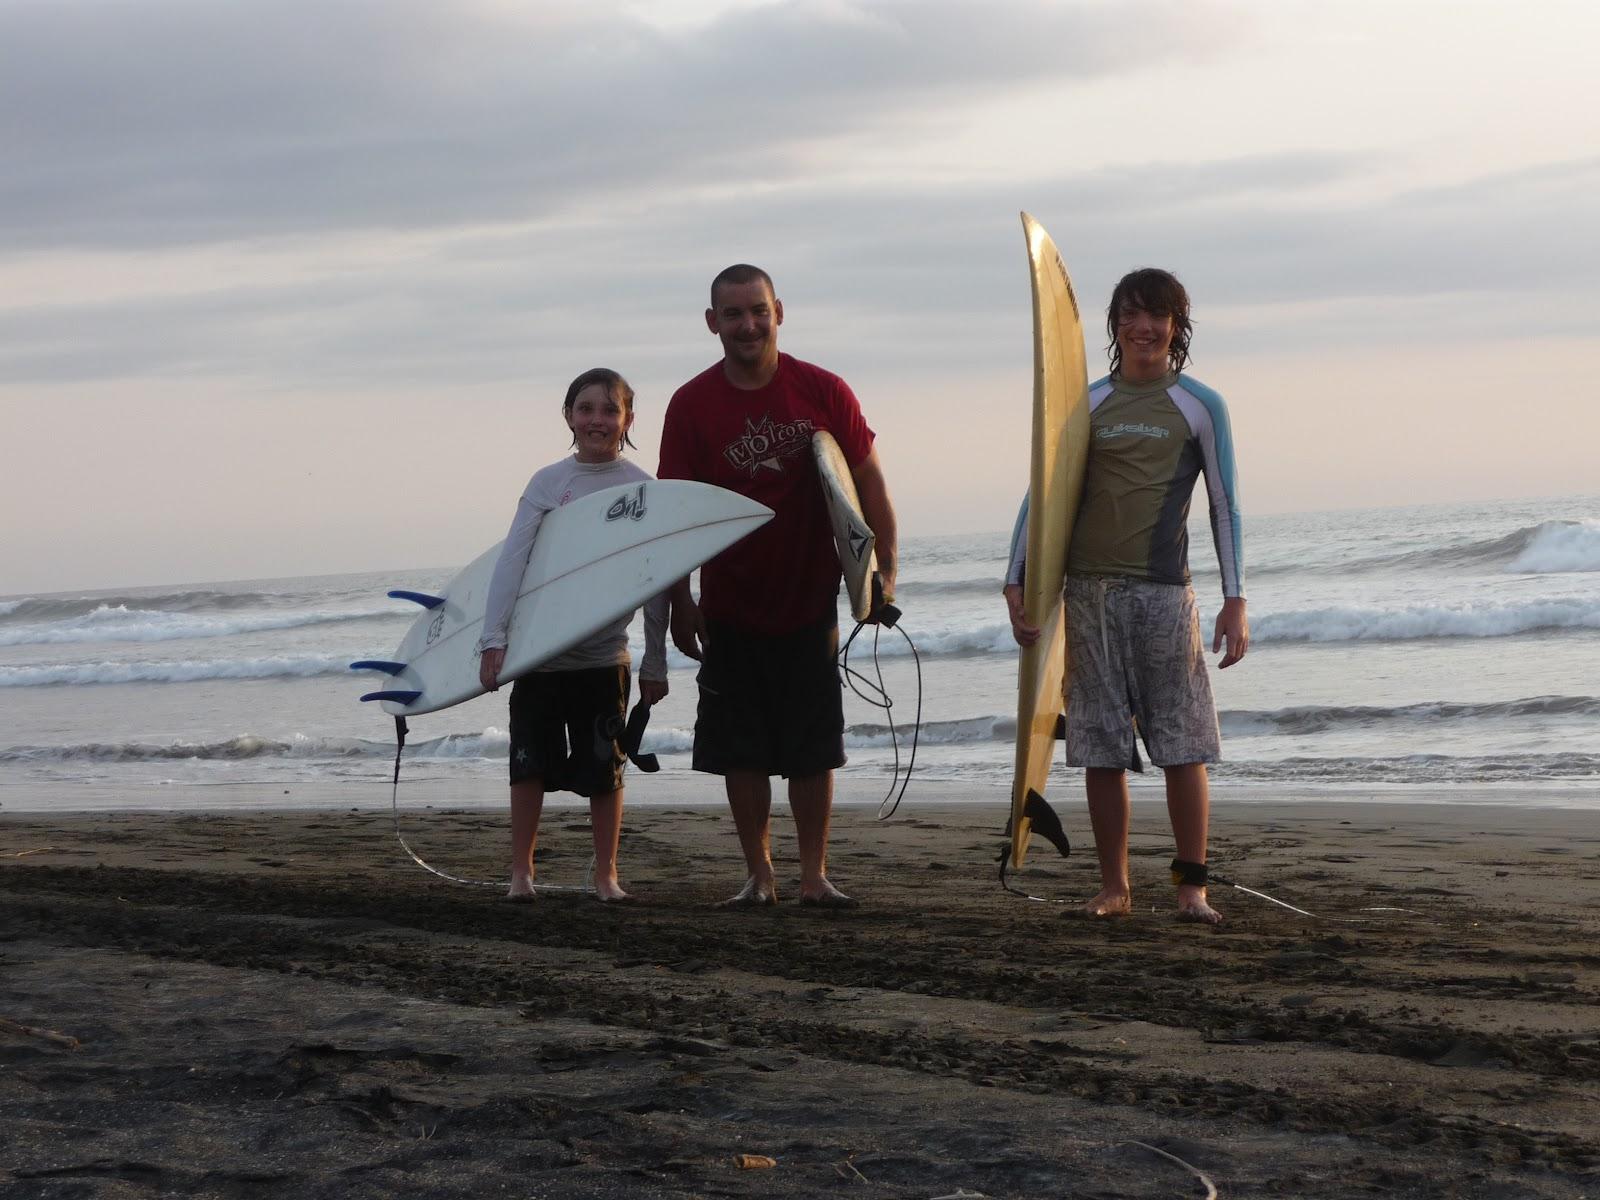 About marbella costa rica surfing - Marbella family fun ...